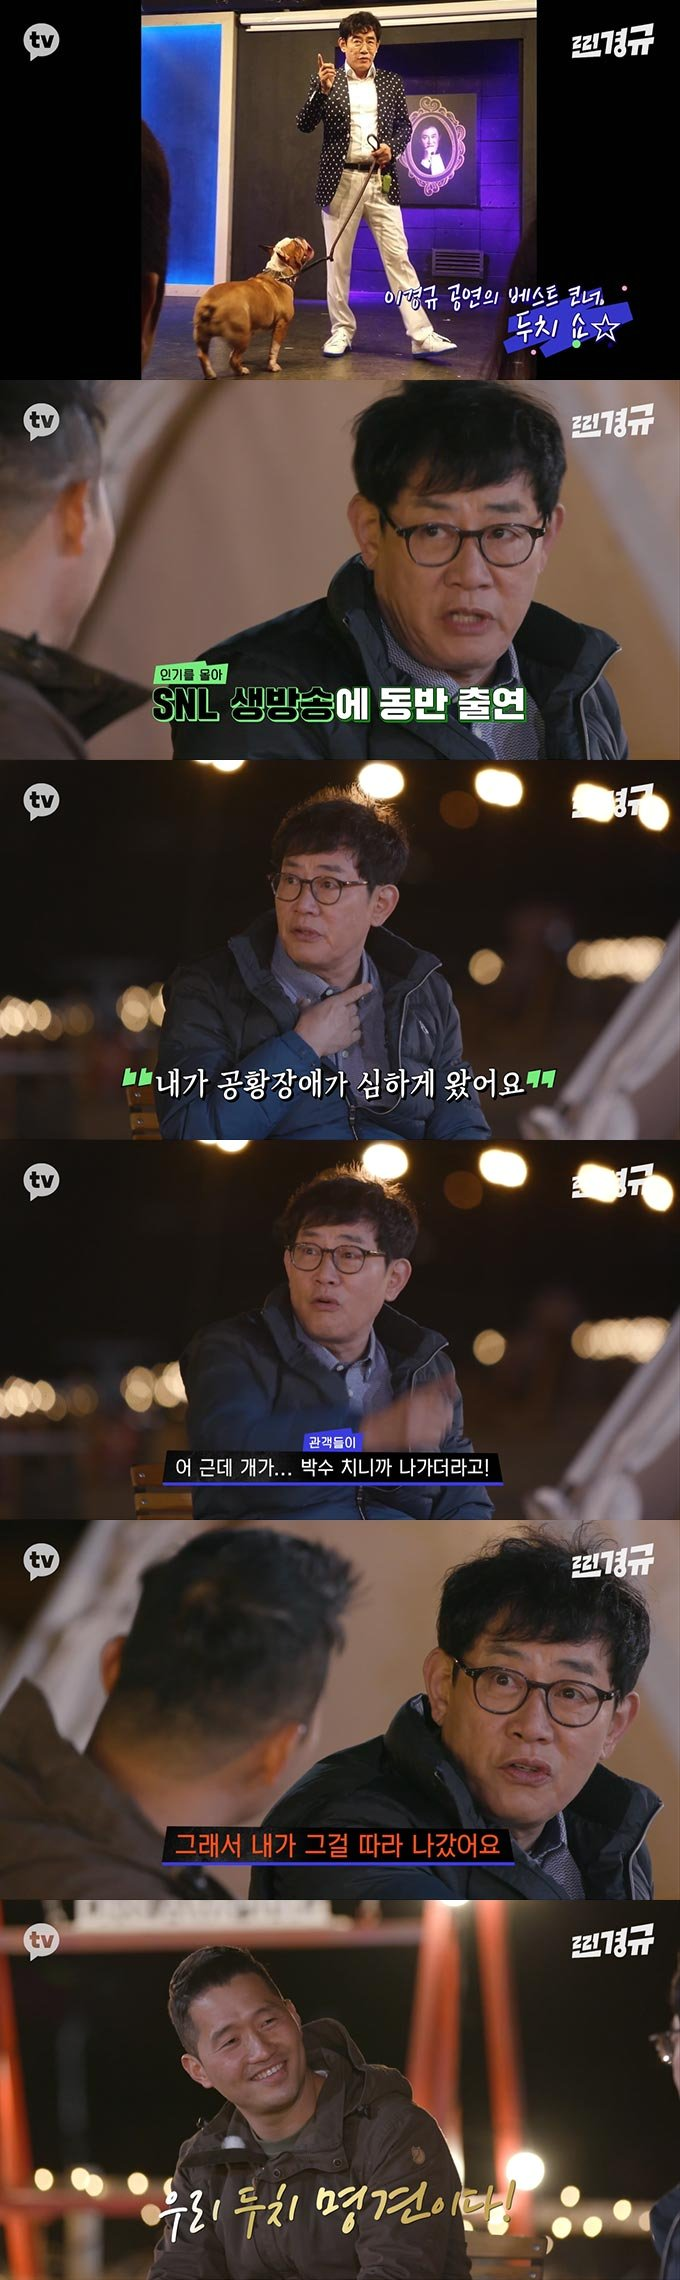 /사진=카카오TV '찐경규' 영상 캡처